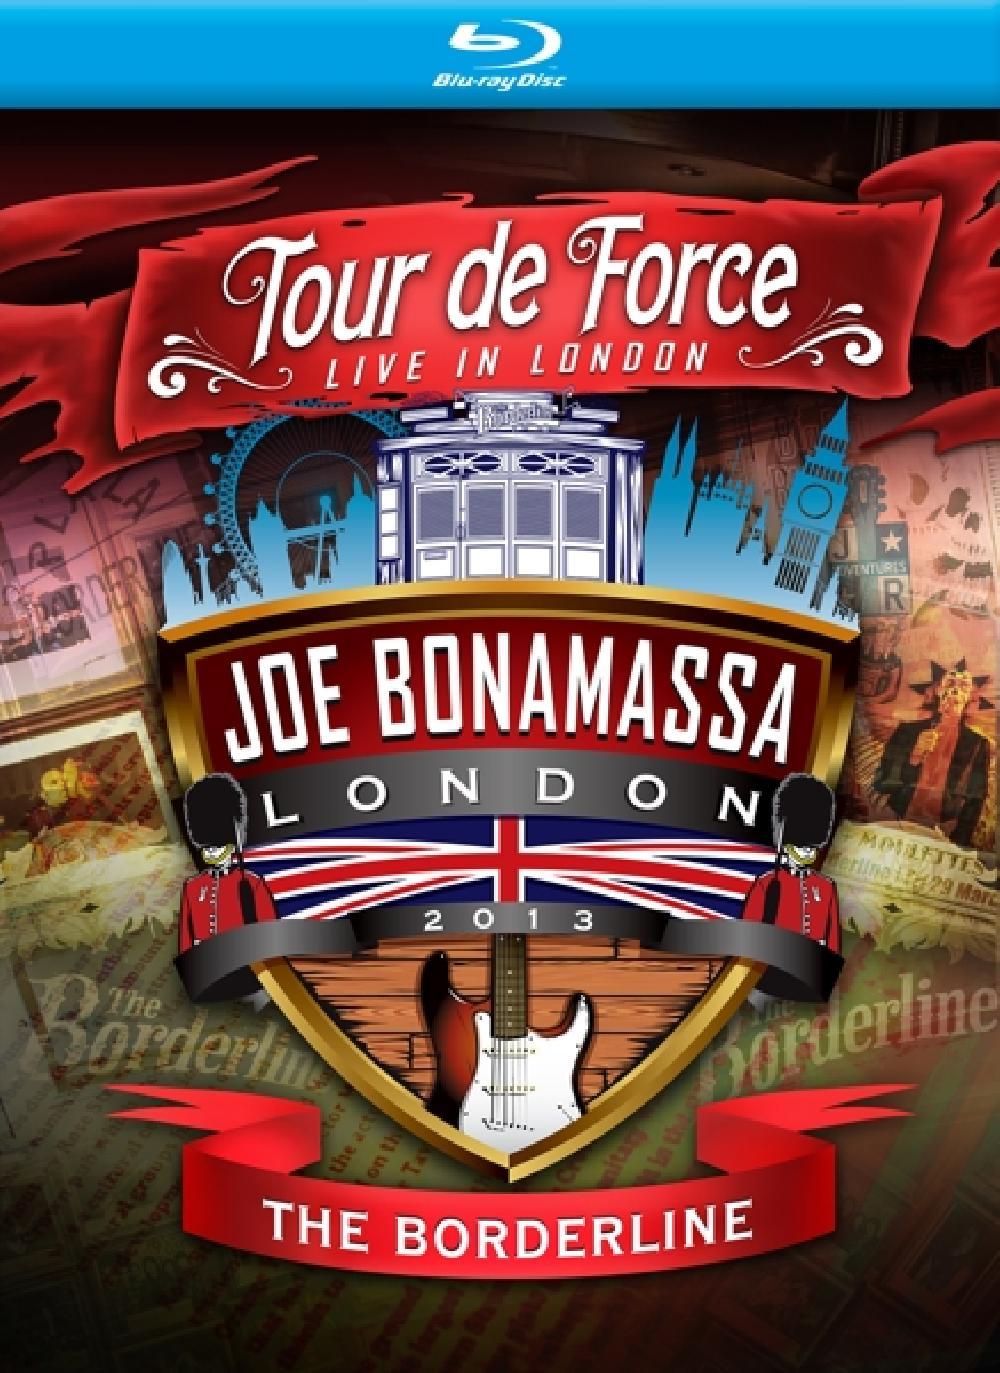 JOE BONAMASSA - TOUR DE FORCE - BORDERLIN (nieuw) - Blu-ray Disc